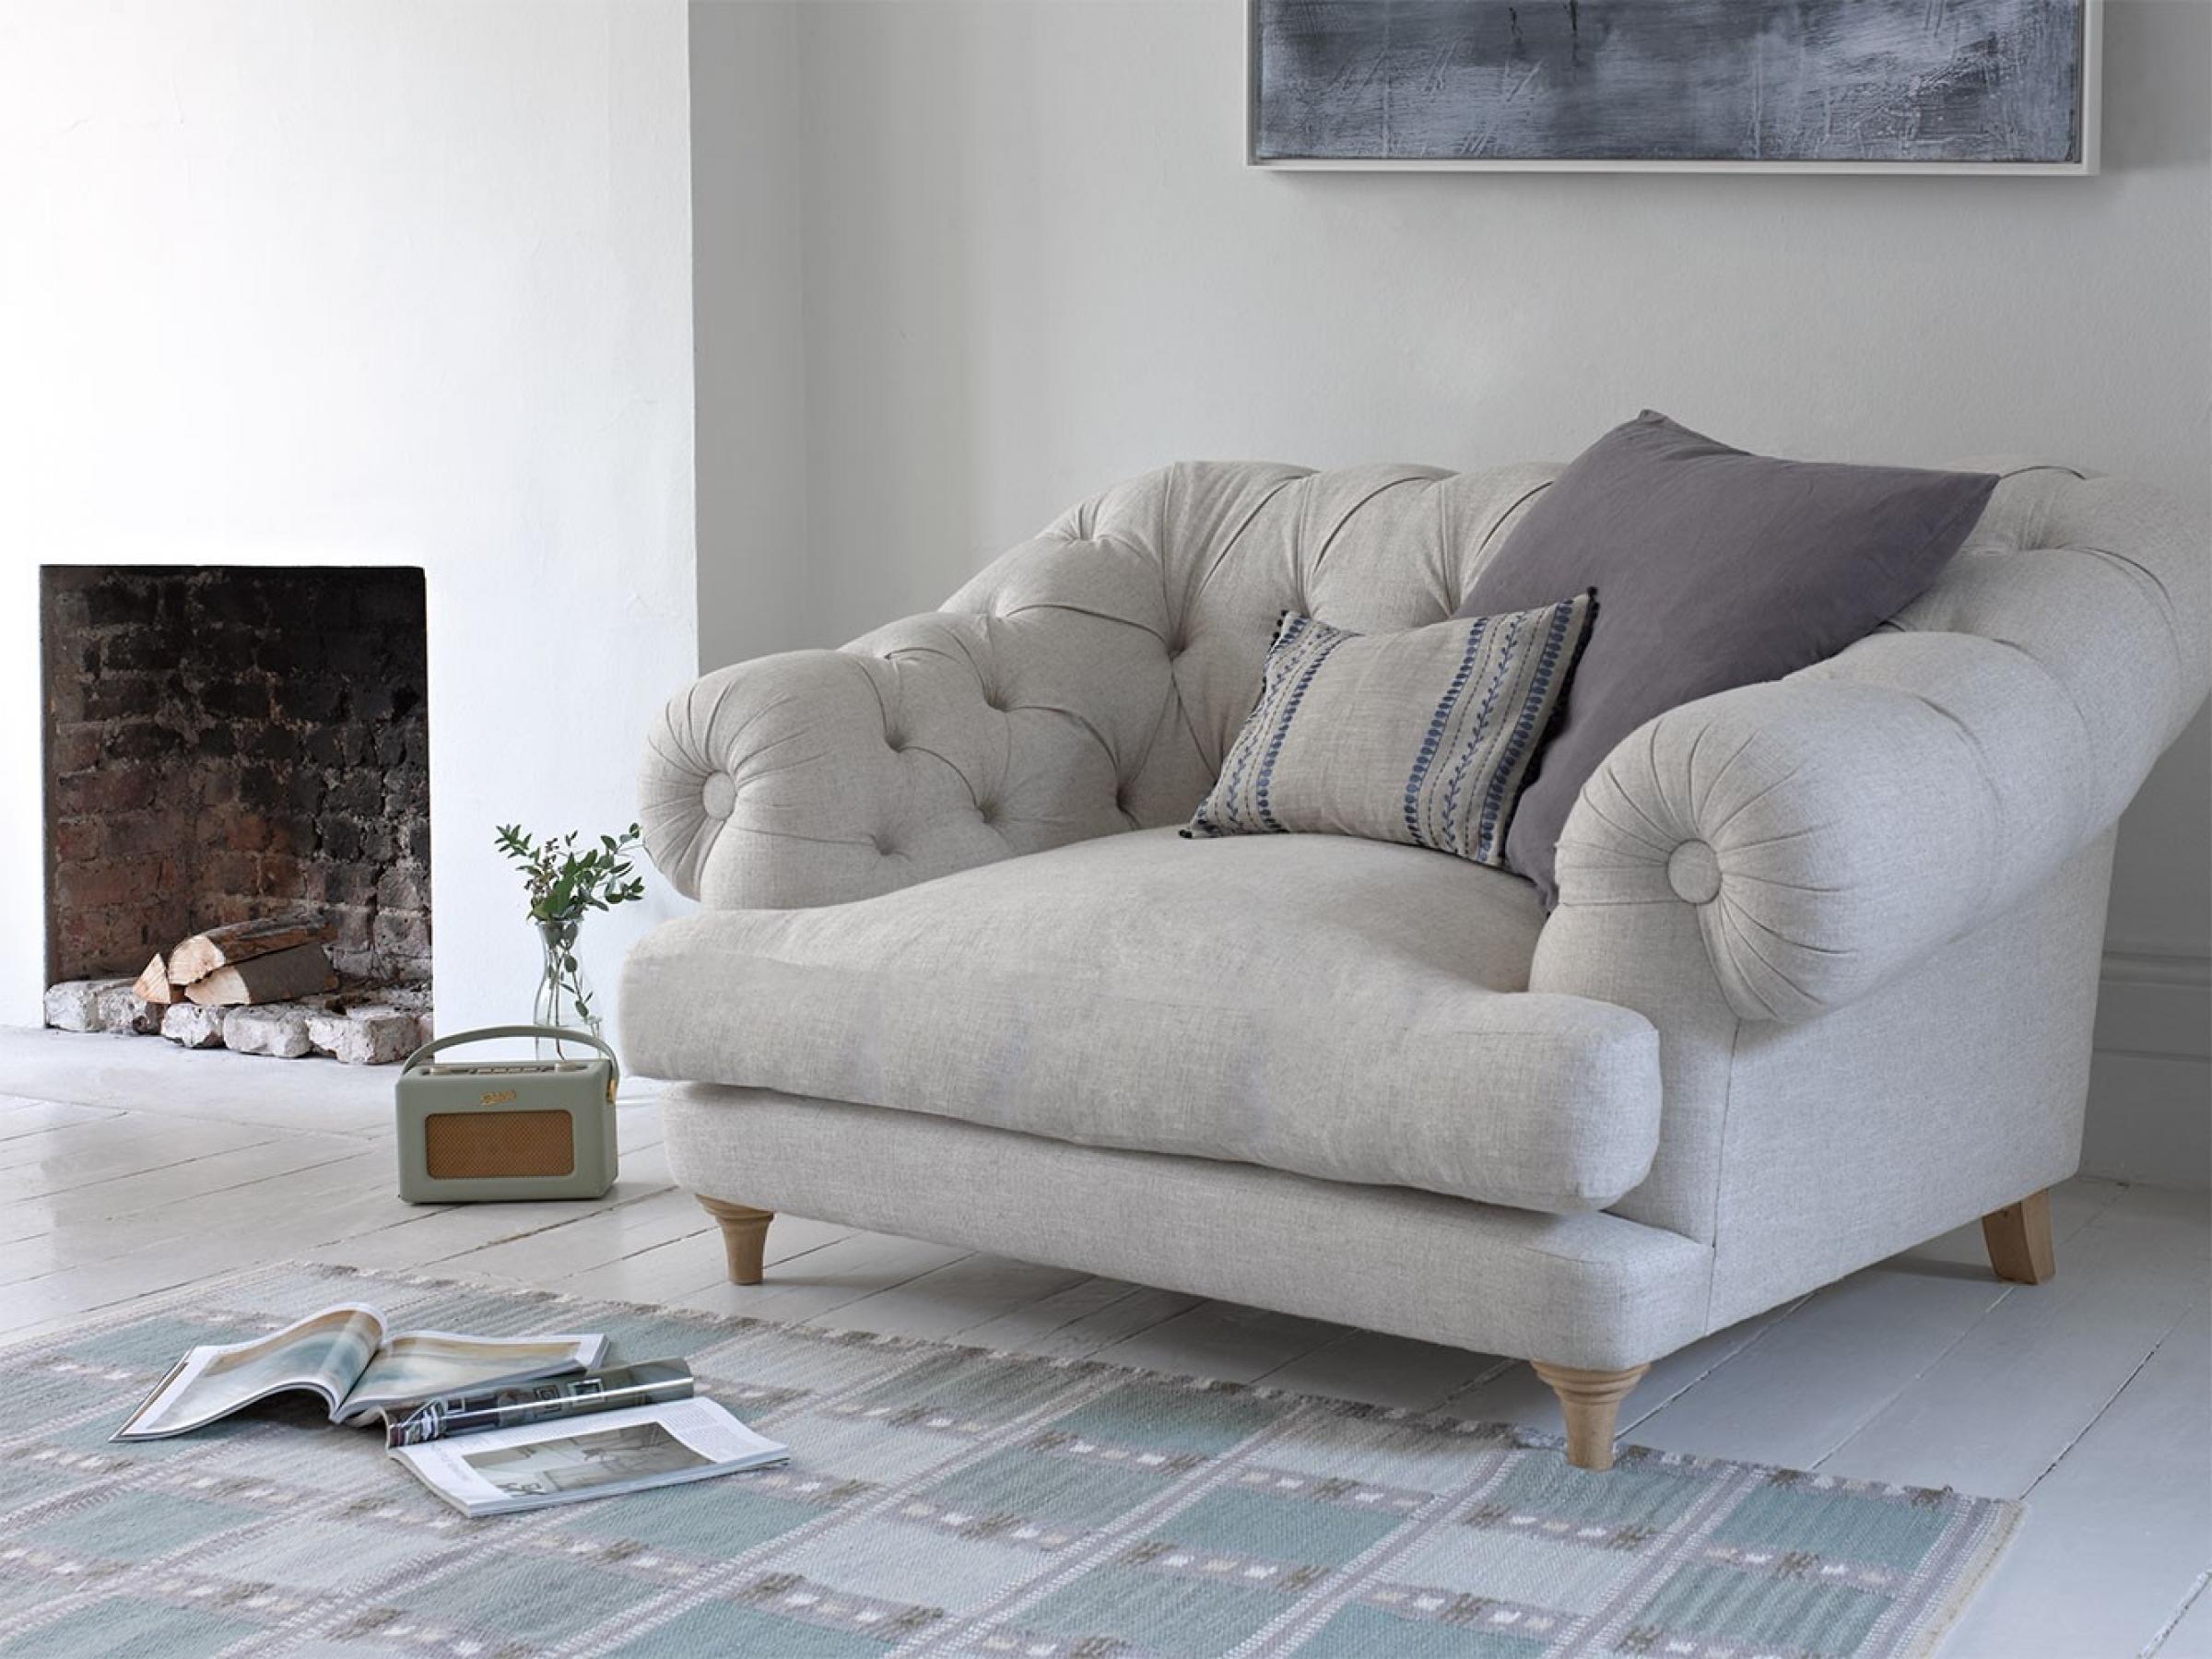 Ordinaire Oversized Armchairs 2